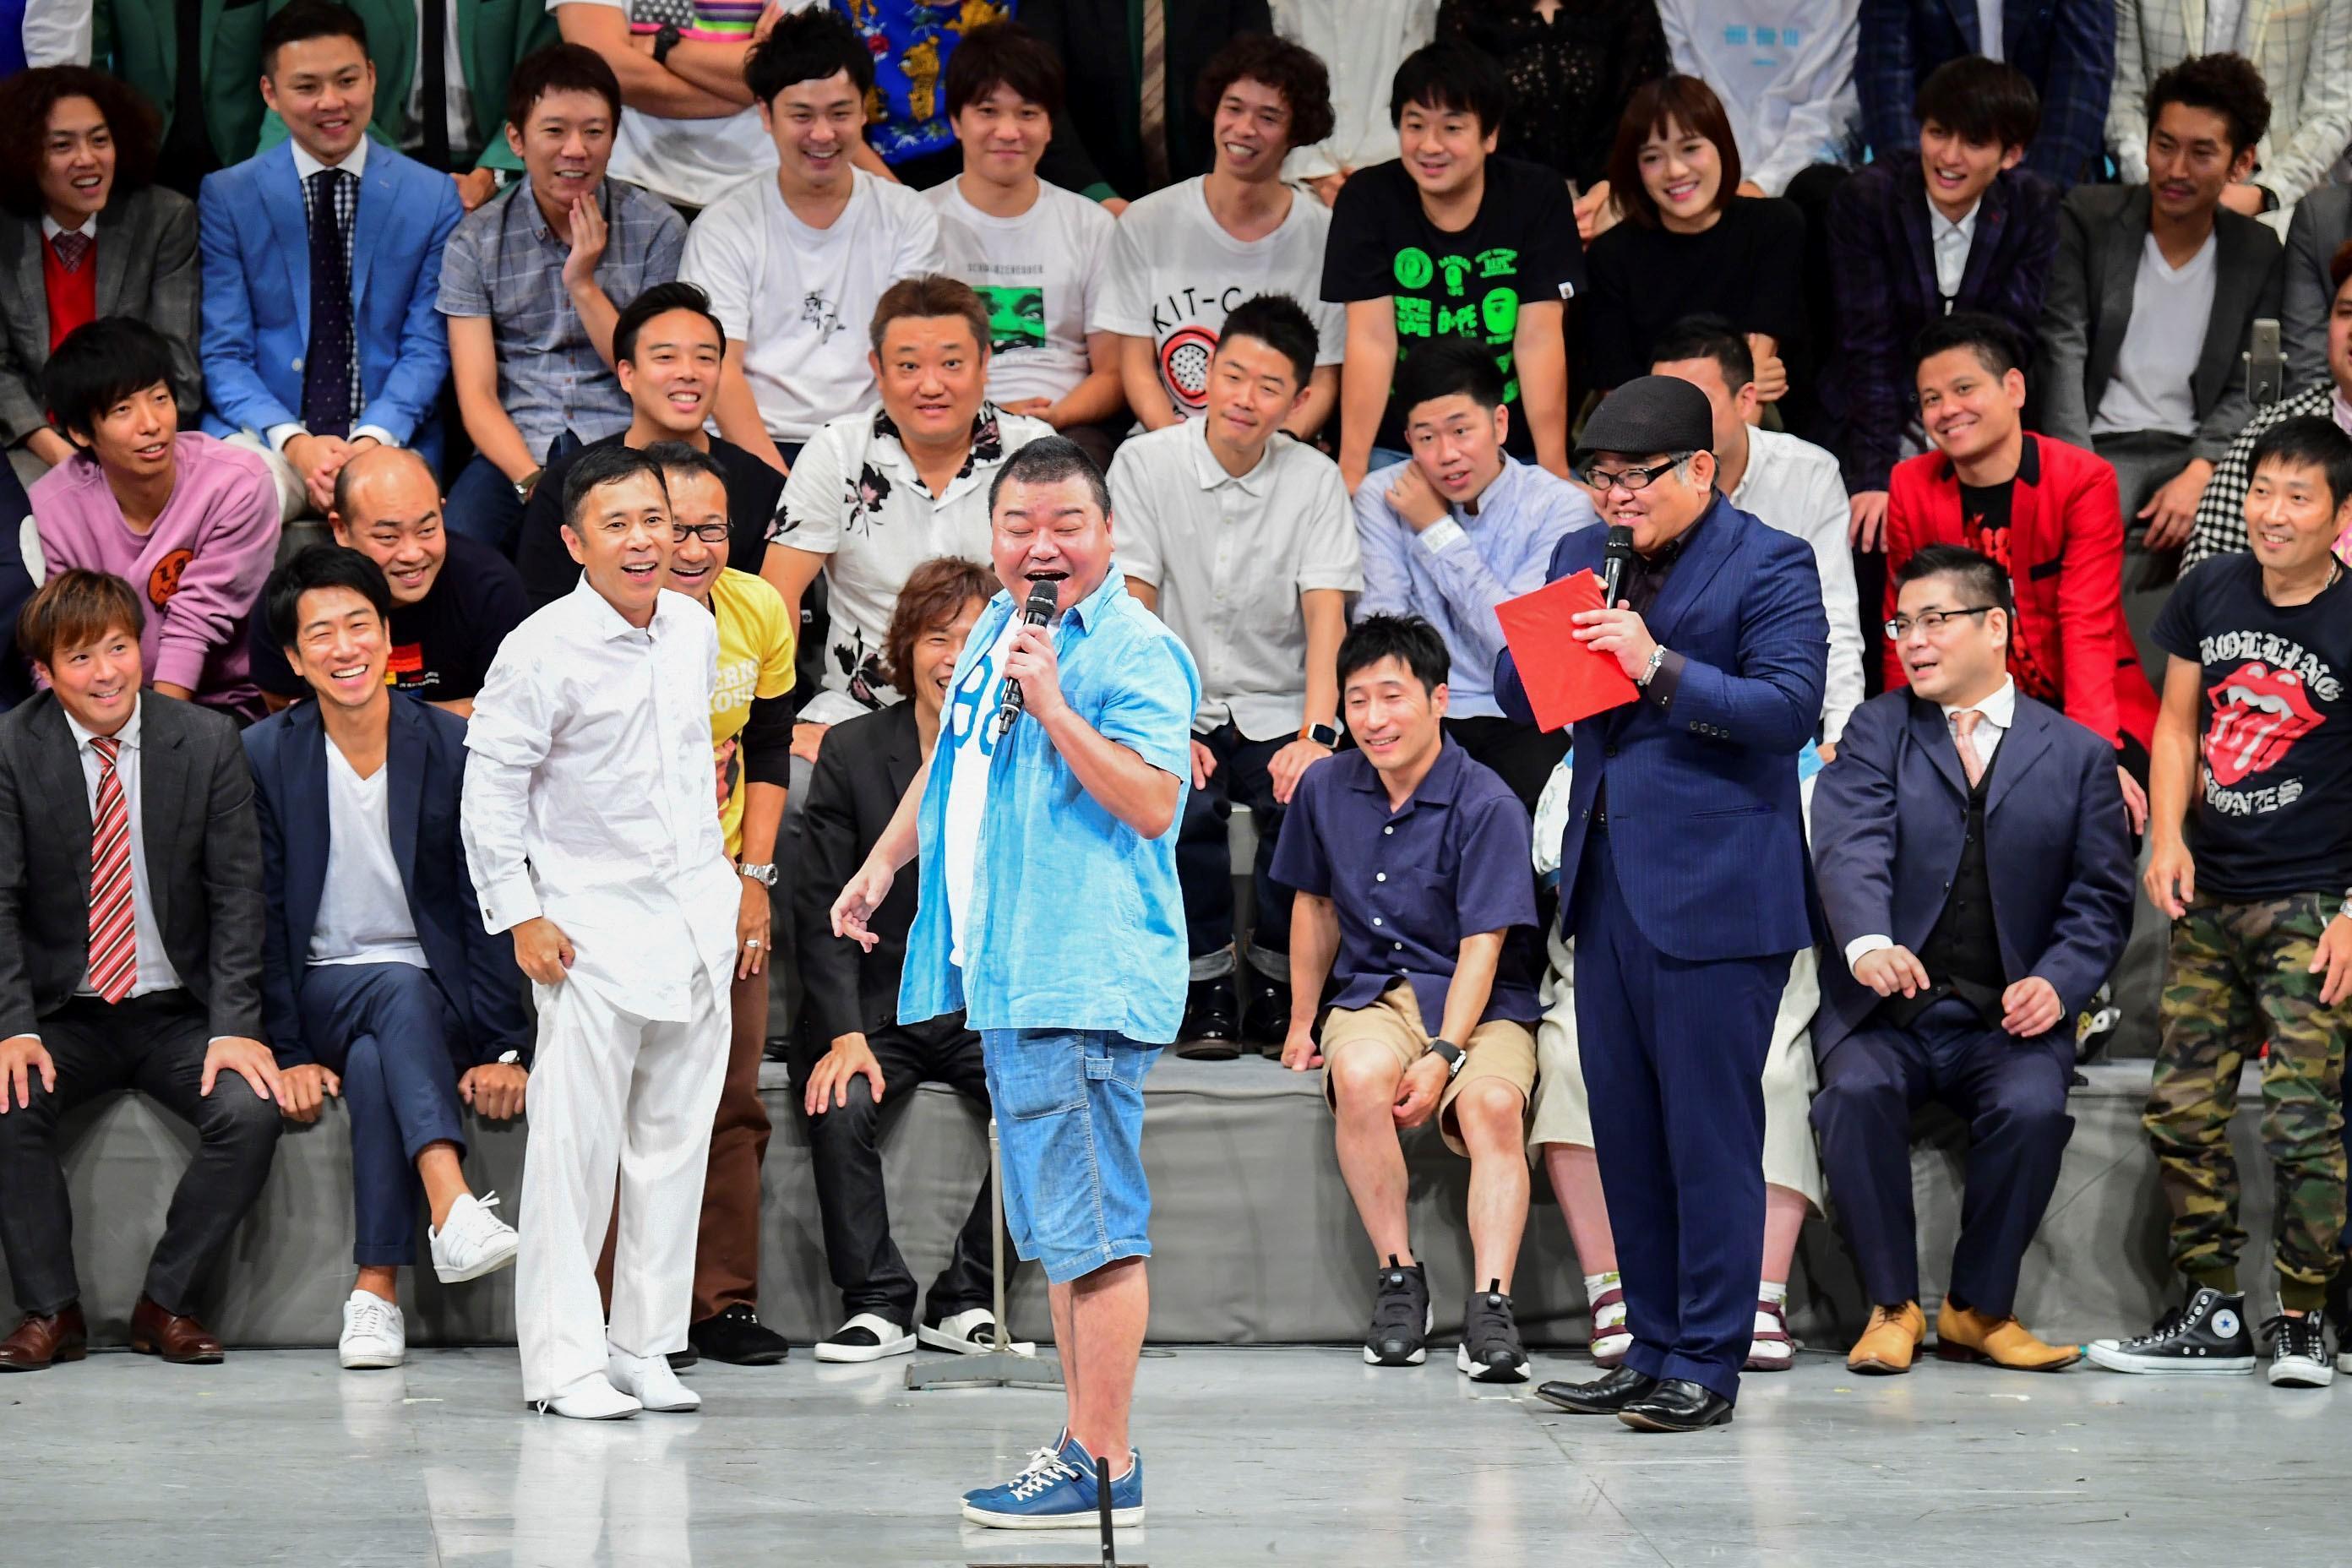 http://news.yoshimoto.co.jp/20170929192950-2d73d9afe18177352c3d1faec0d97717ac535d59.jpg